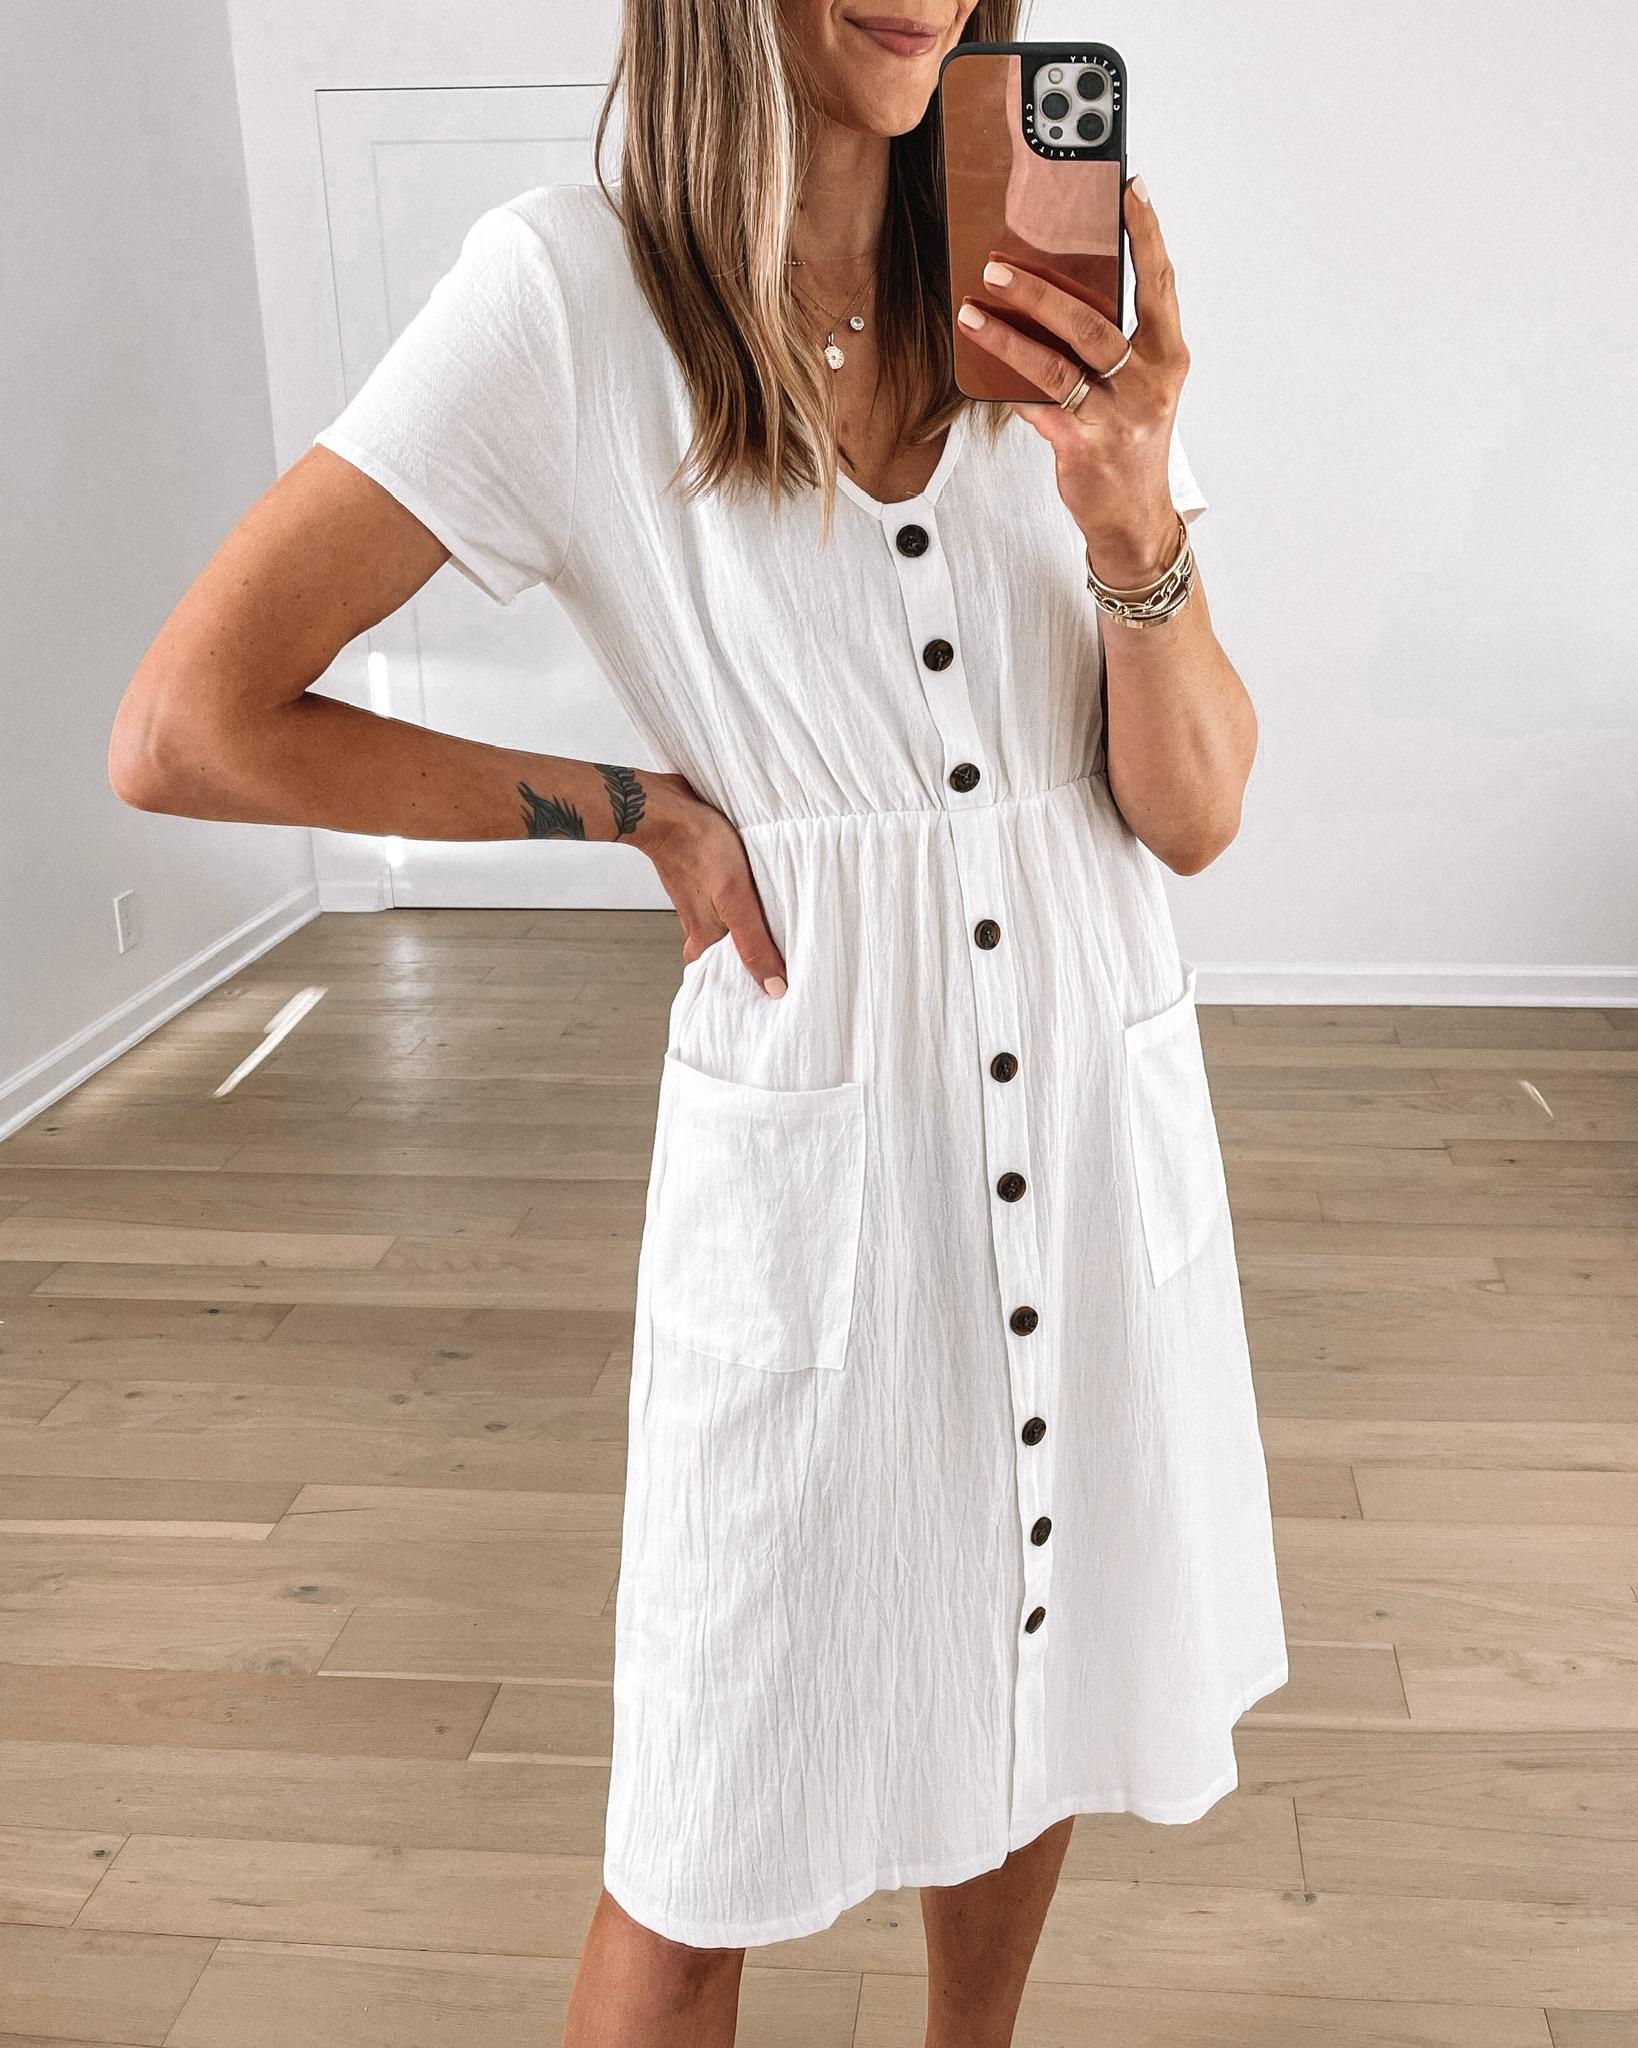 Fashion Jackson Wearing Amazon Fashion White Midi Dress